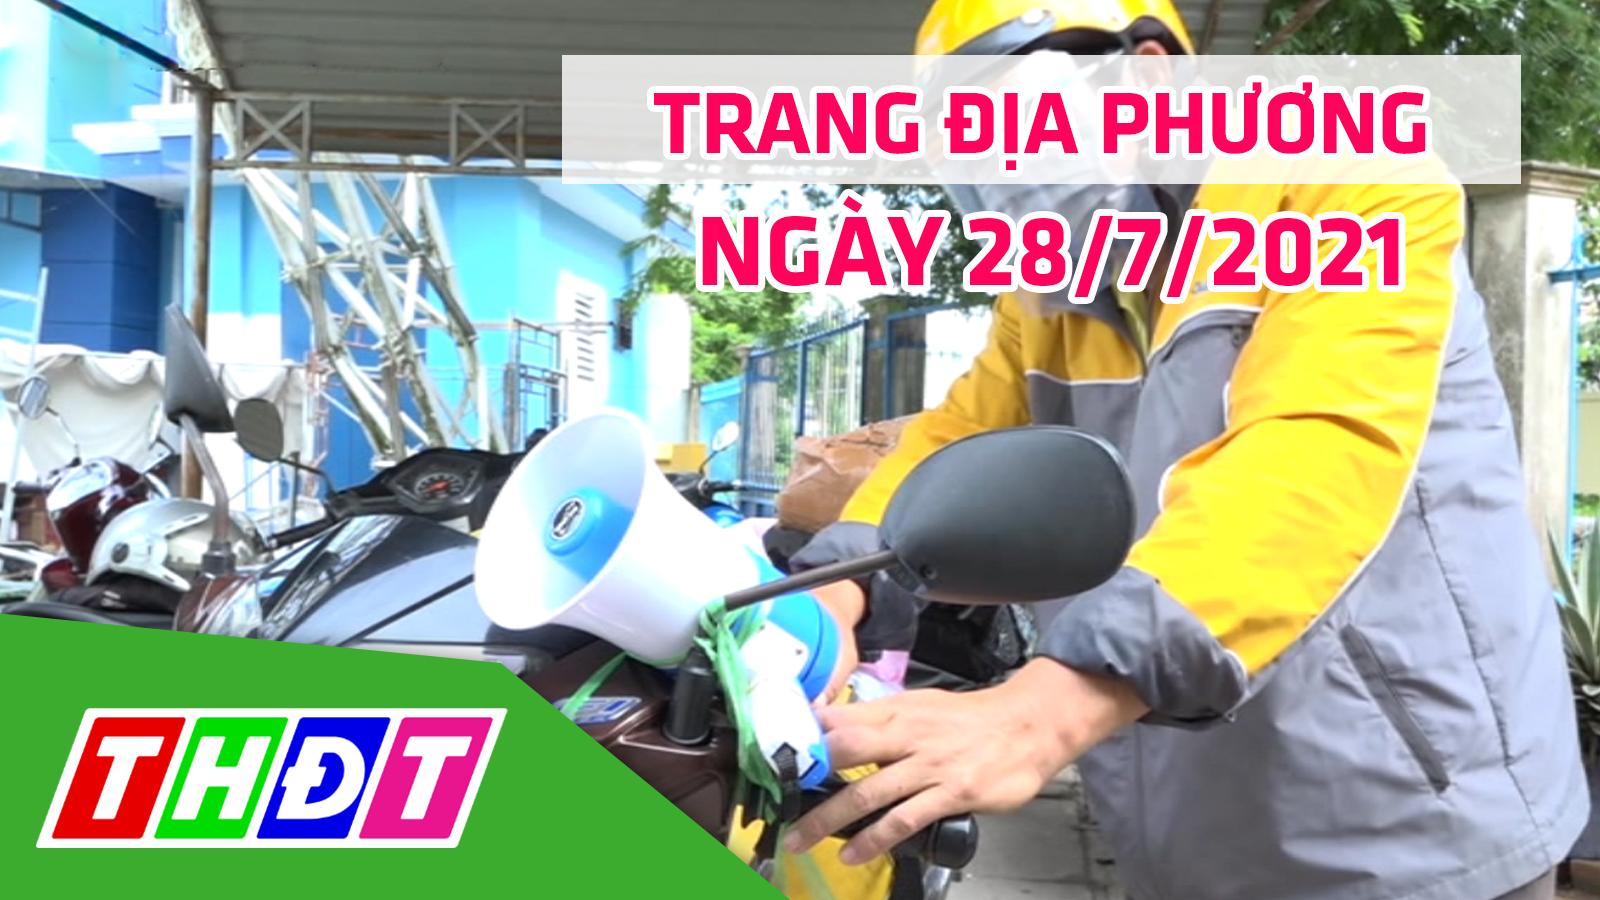 Trang địa phương - Thứ Tư, 28/7/2021 - H.Lai Vung